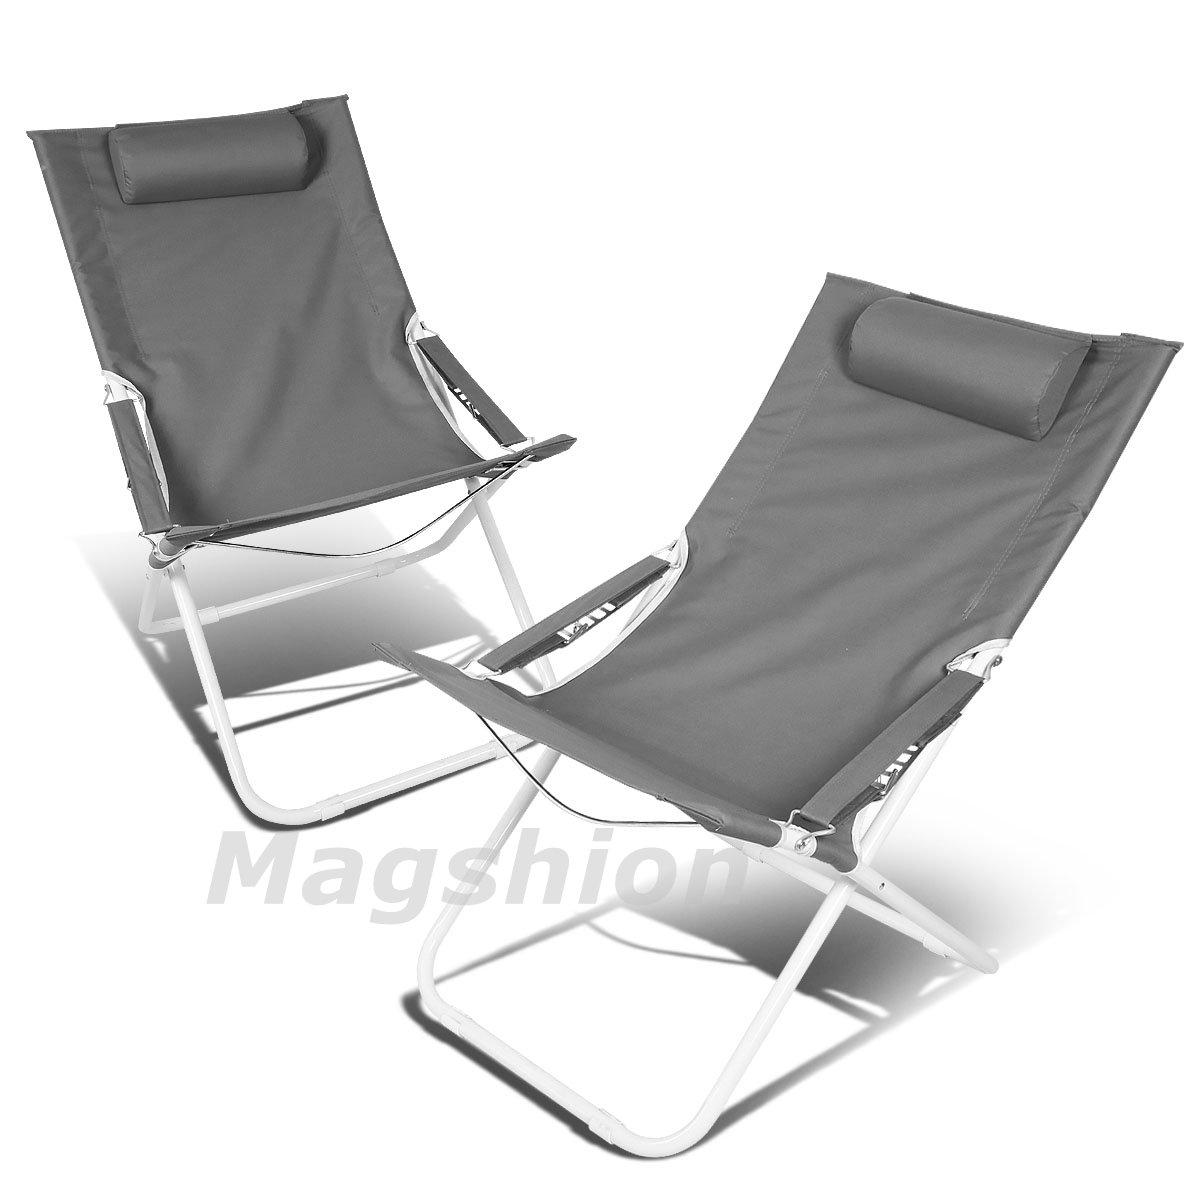 お気にいる Magshion折りたたみビーチキャンプパティオアウトドア旅行リクライニング椅子2pc グリーン グレー B071WKV36V B071WKV36V グレー グレー, アウトレットshopリバティハウス:7dfb6e59 --- arianechie.dominiotemporario.com